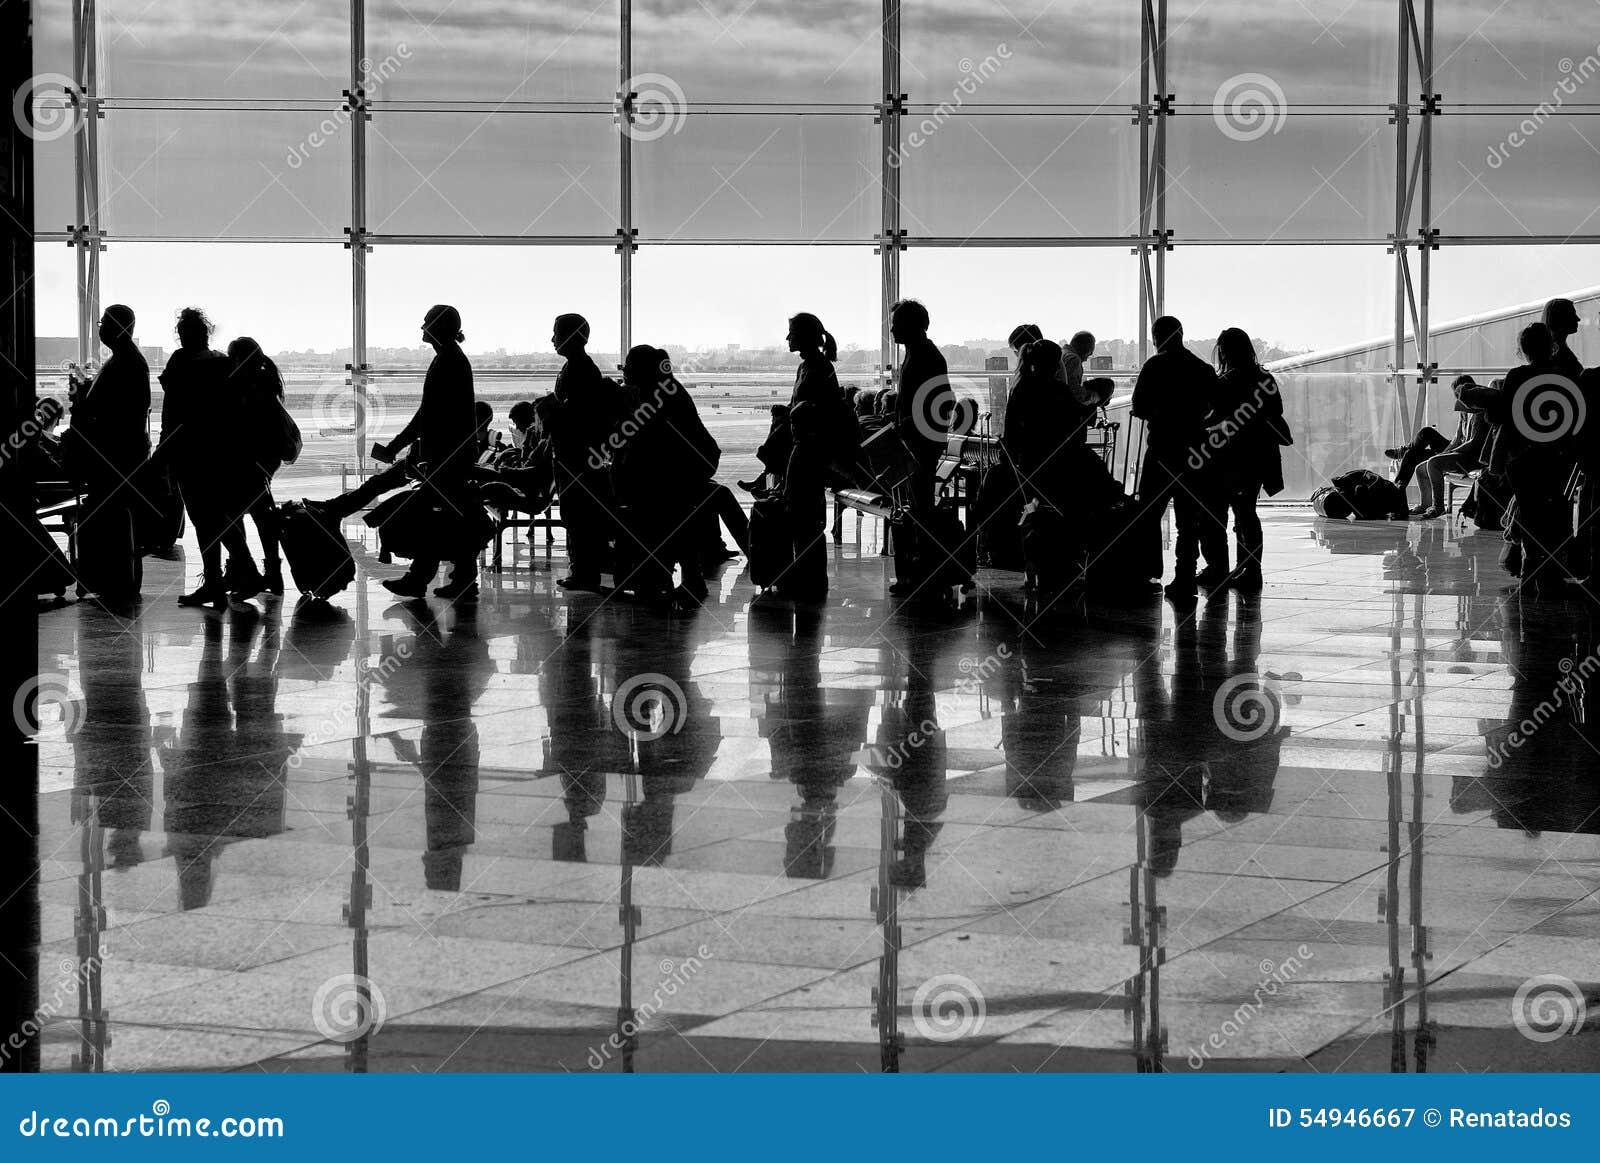 Ombres des personnes sur le fond de bâtiment Ombres de personnes avec la réflexion au sol Photo artistique en noir et blanc, B&W